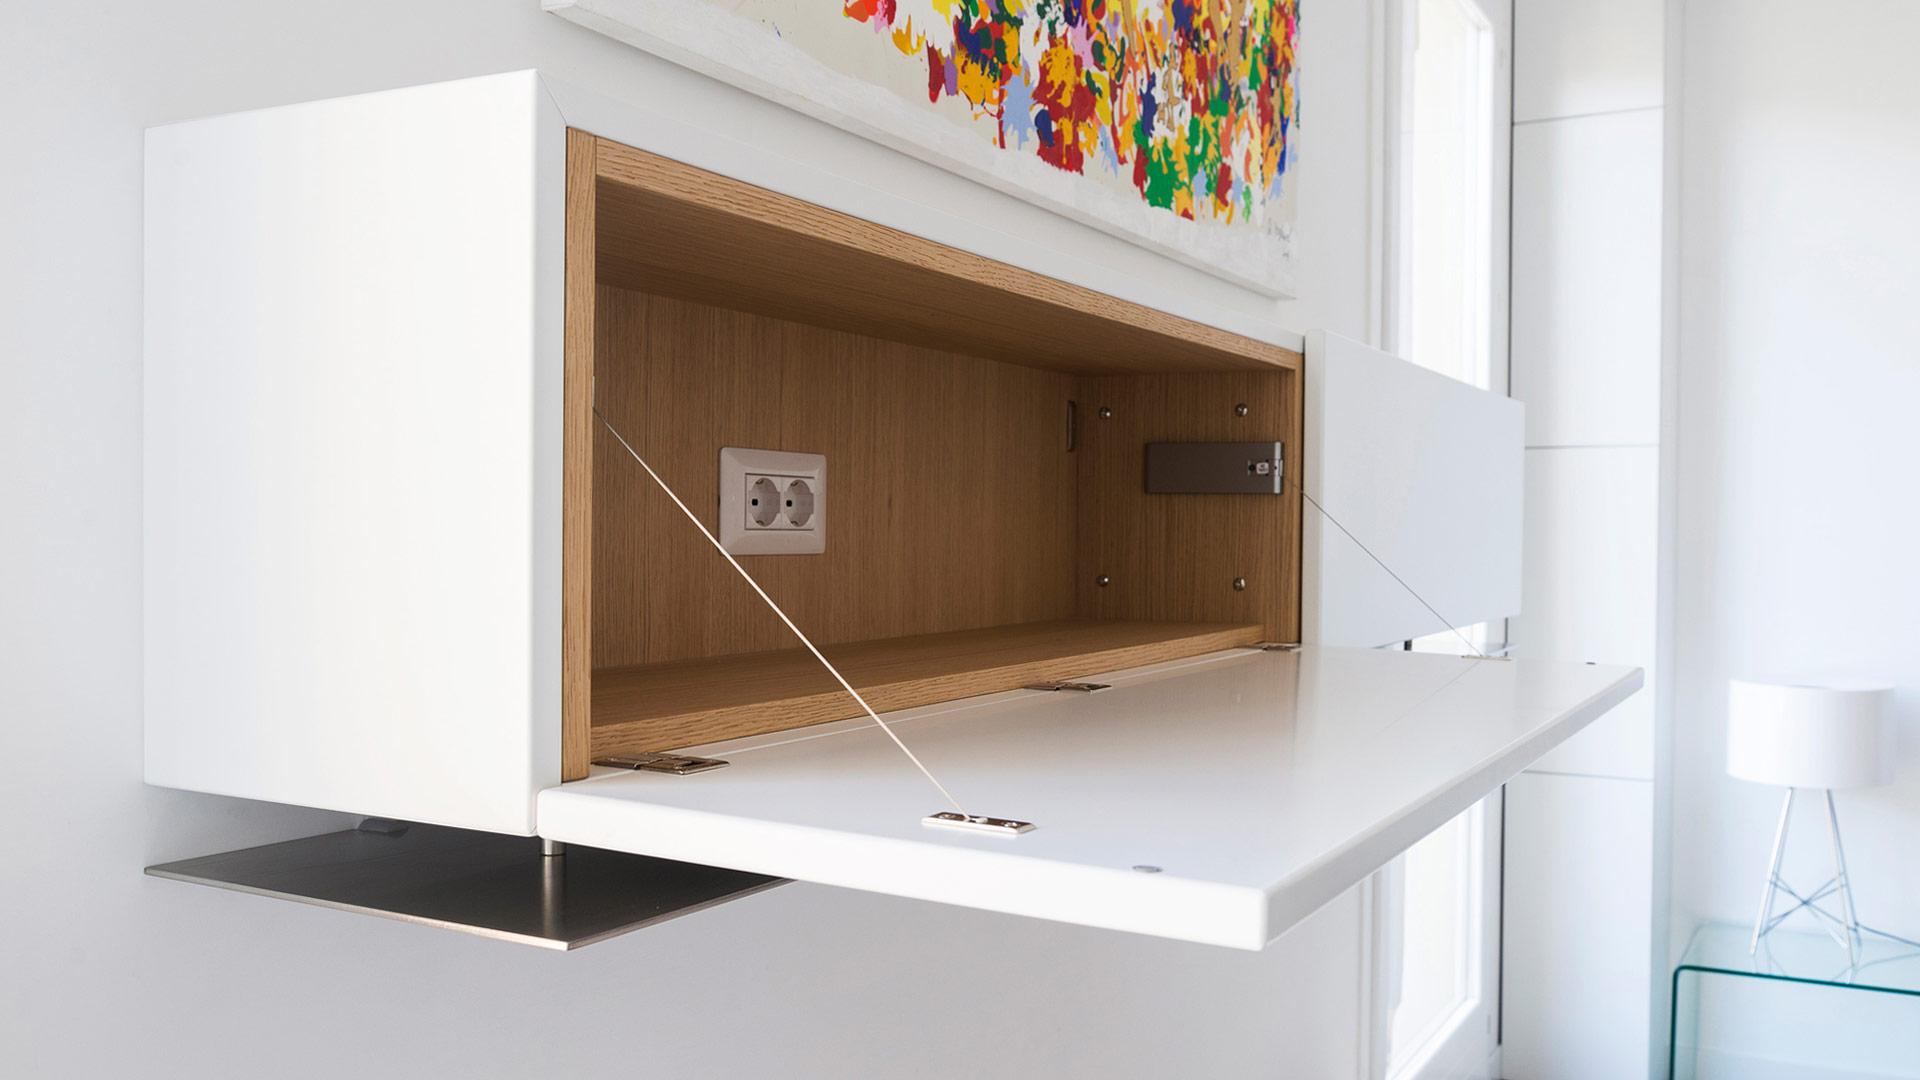 Progetto Interior Design open space Roma - Sawiris-contract-06